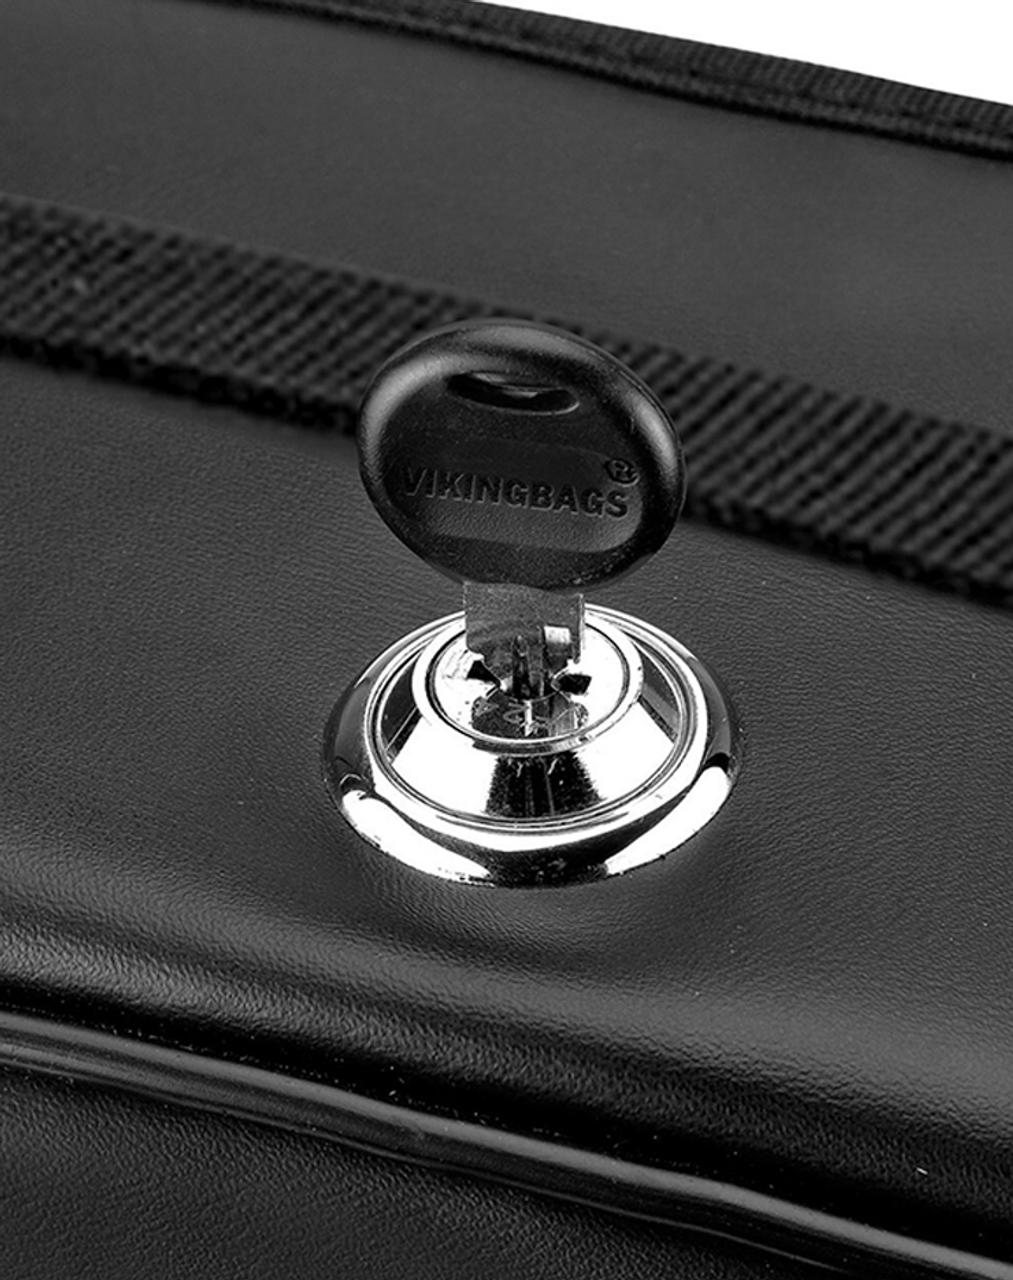 Triumph Rocket III Range Viking Armor Shock Cutout Large Motorcycle Saddlebags Key Lock View